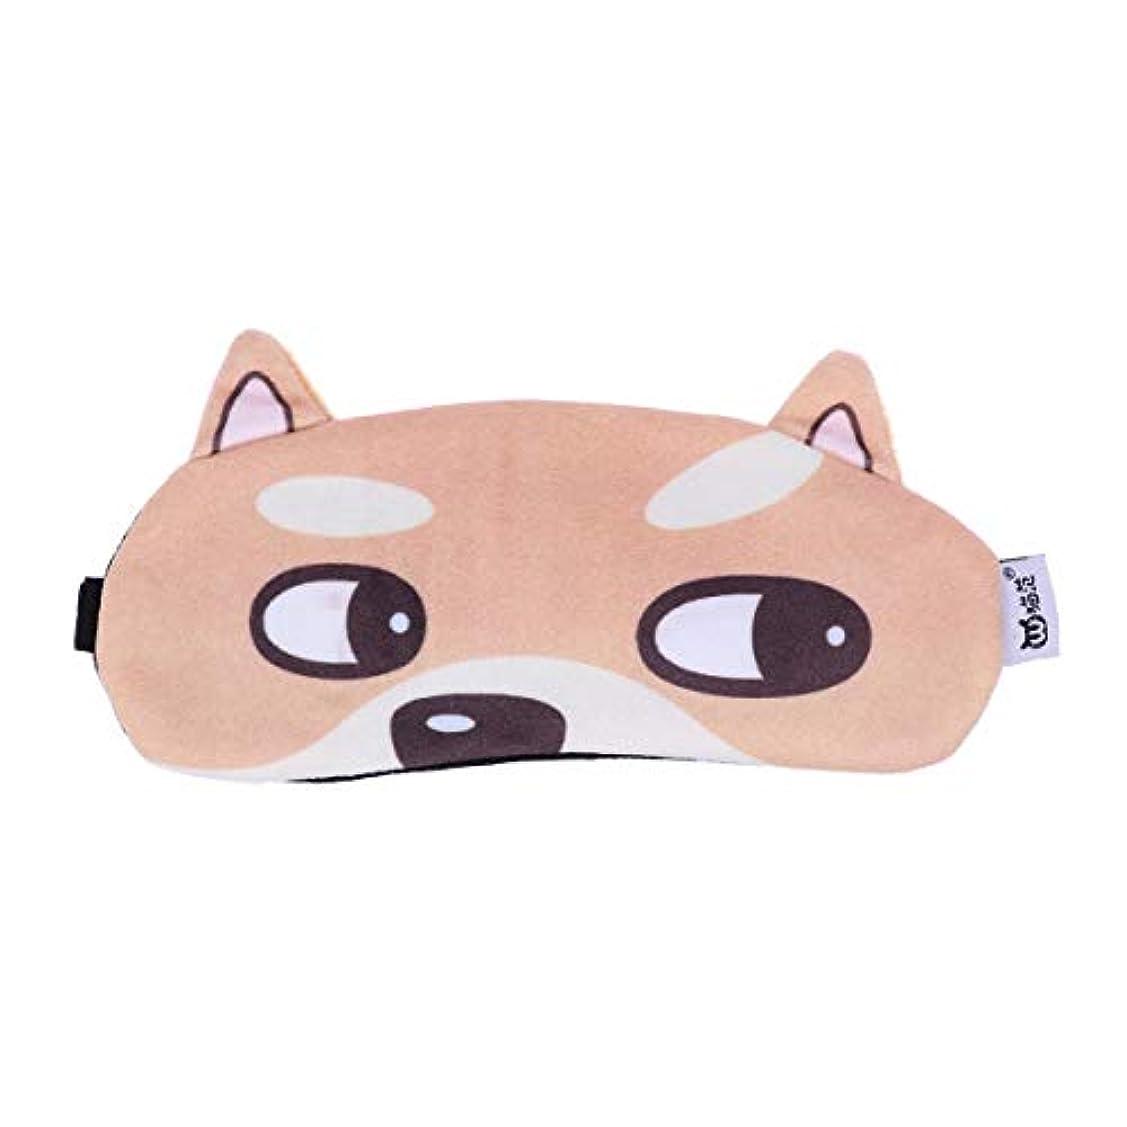 トピック完璧バルセロナHealifty アイマスク ゲル アイスパッド アイスアイマスク 目隠し リラックス 冷却 パック 再使用可能 目の疲れ軽減 安眠 血行促進(犬)